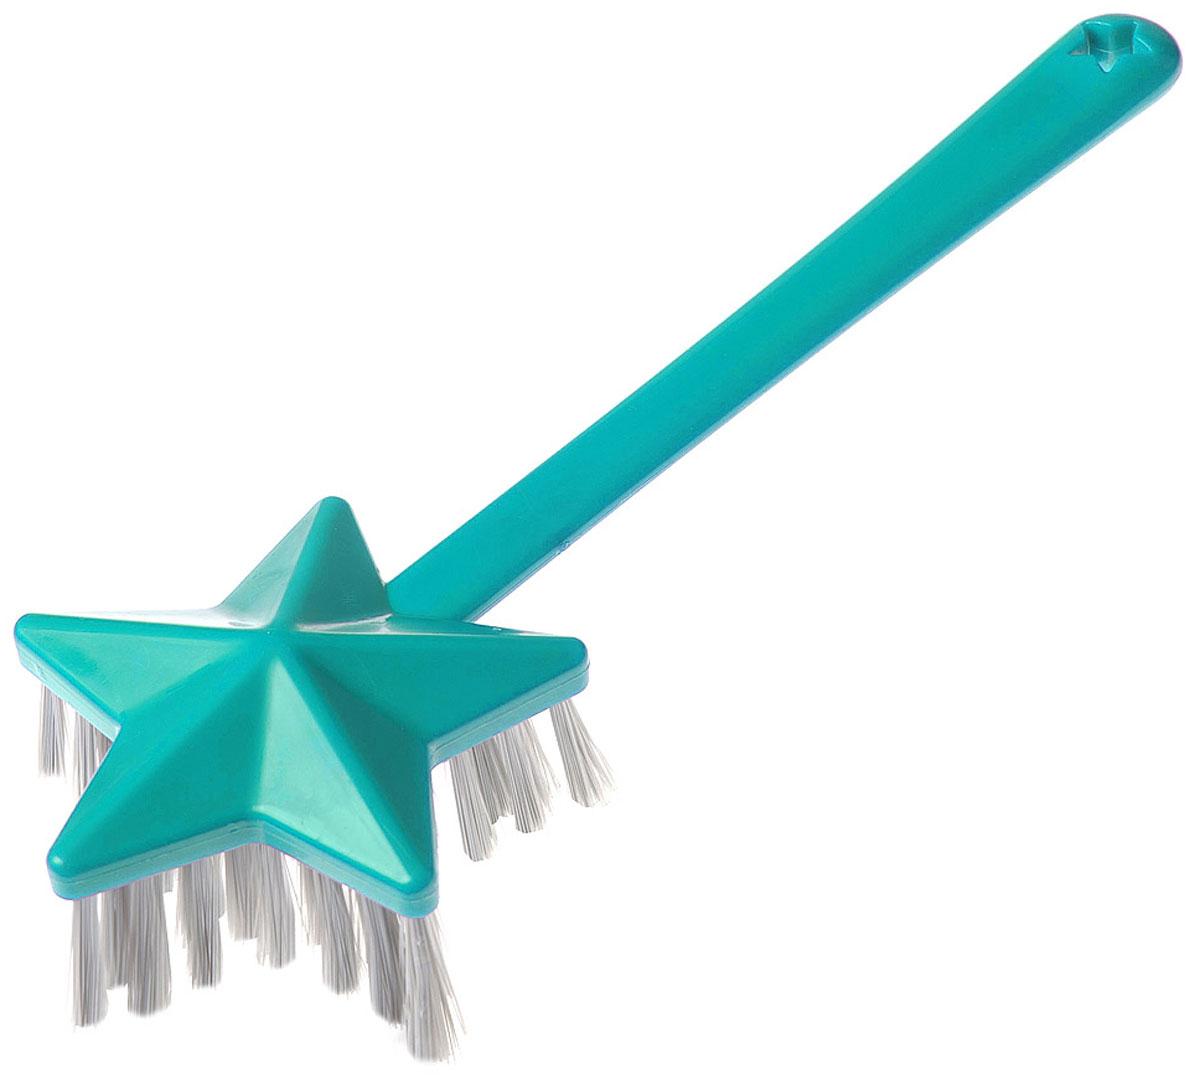 Щетка Youll love Звезда, универсальная, цвет: бирюзовый71296Подходит как для мытья посуды, так и для уборки помещений, чистки мебели.